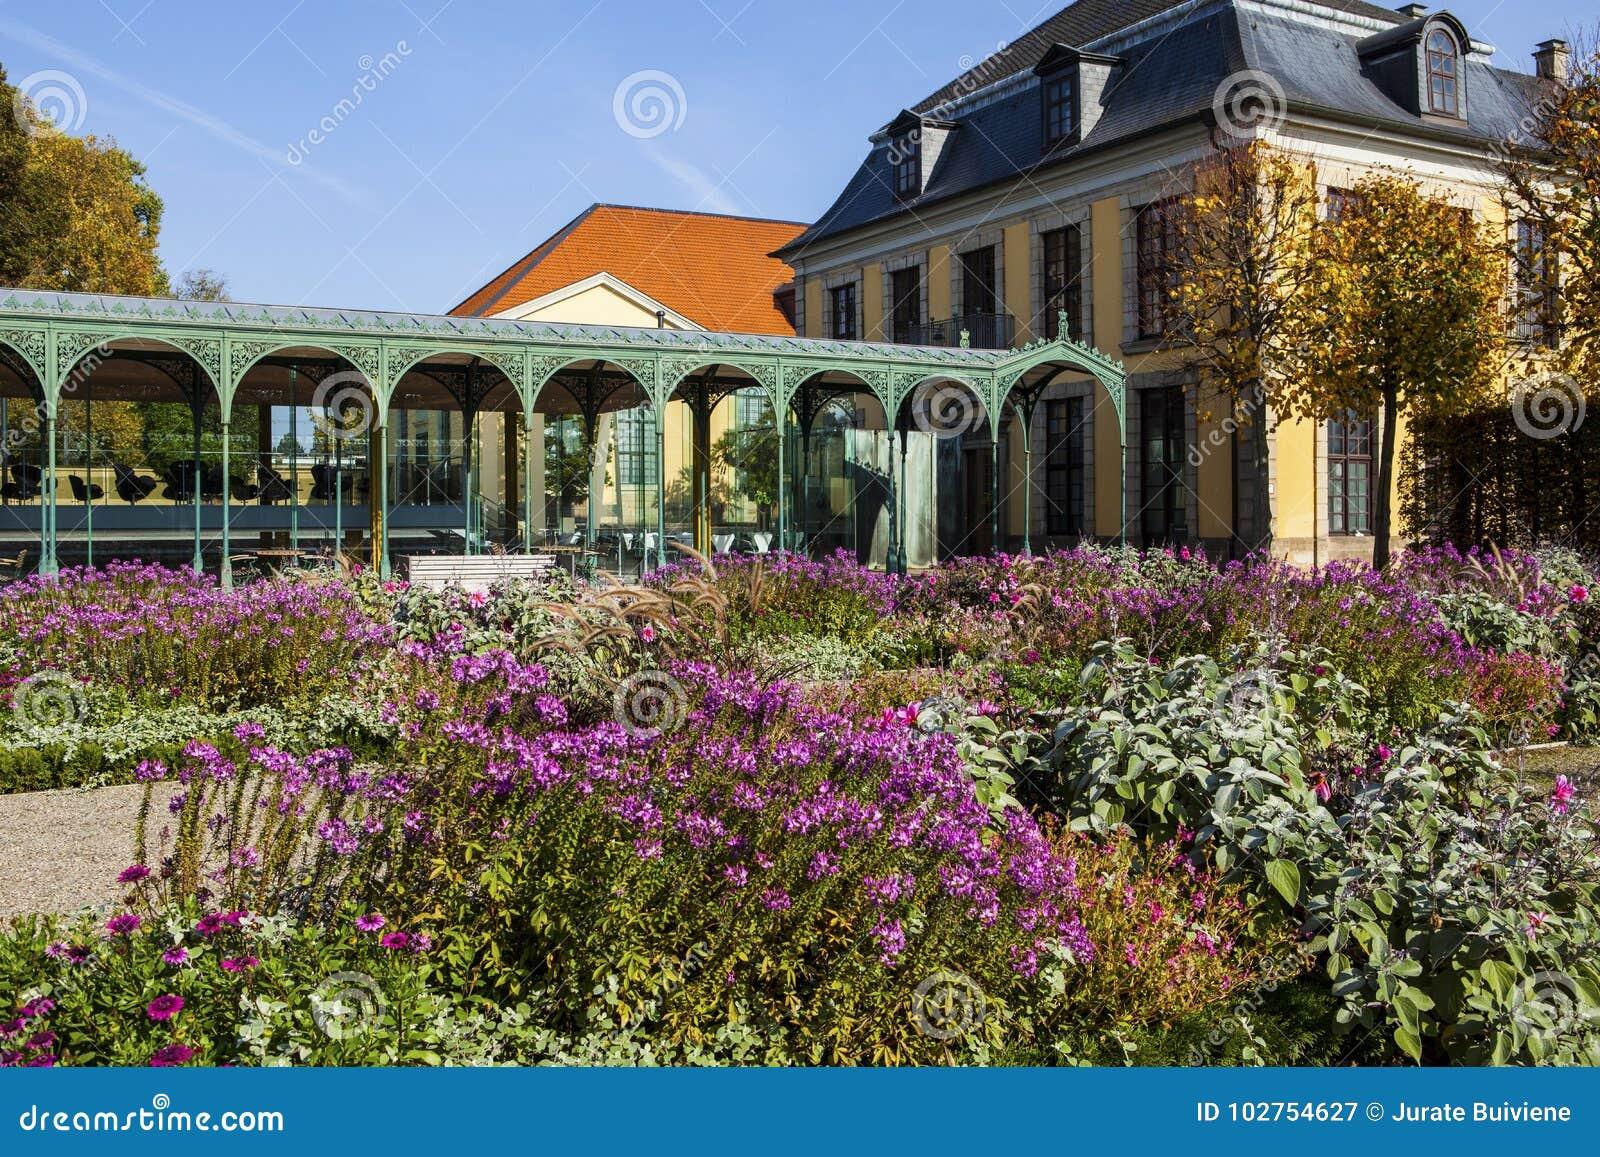 Herrenhauser Garten Editorial Photography Image Of Germany 102754627